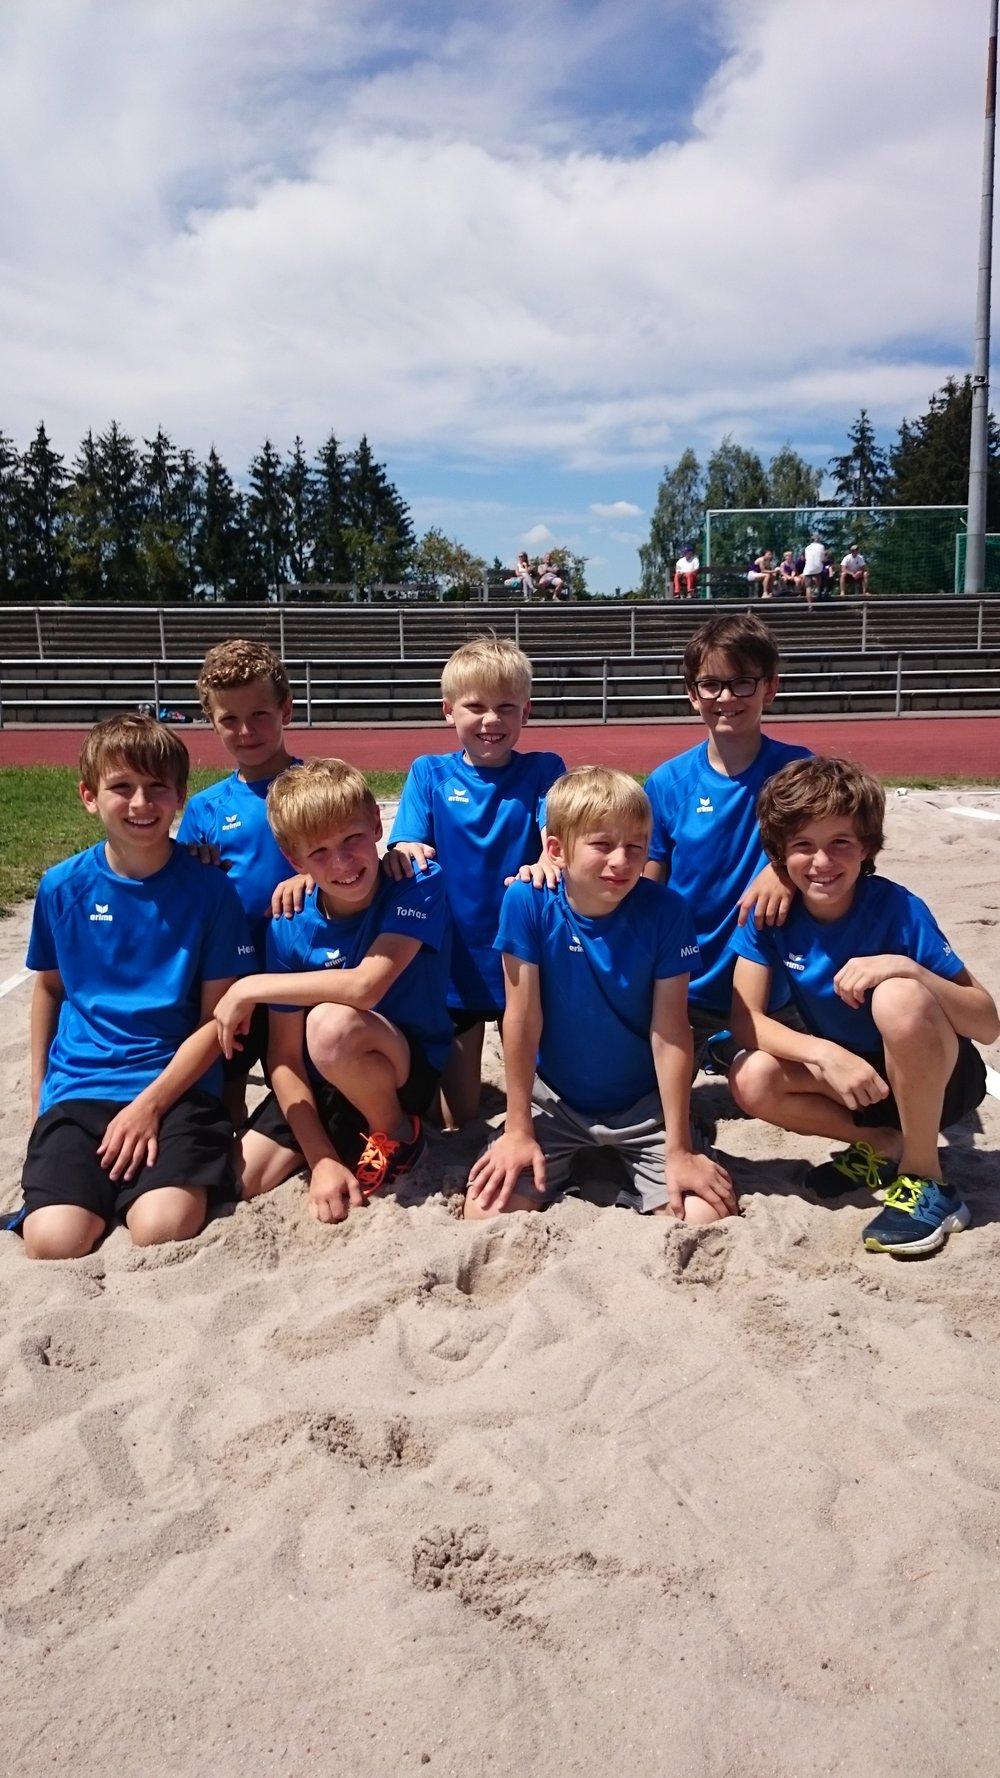 2018 07 09 TSV Unterföhring Turnen männlich Bayerische turnerische Mehrkampfmeisterschaften.jpg